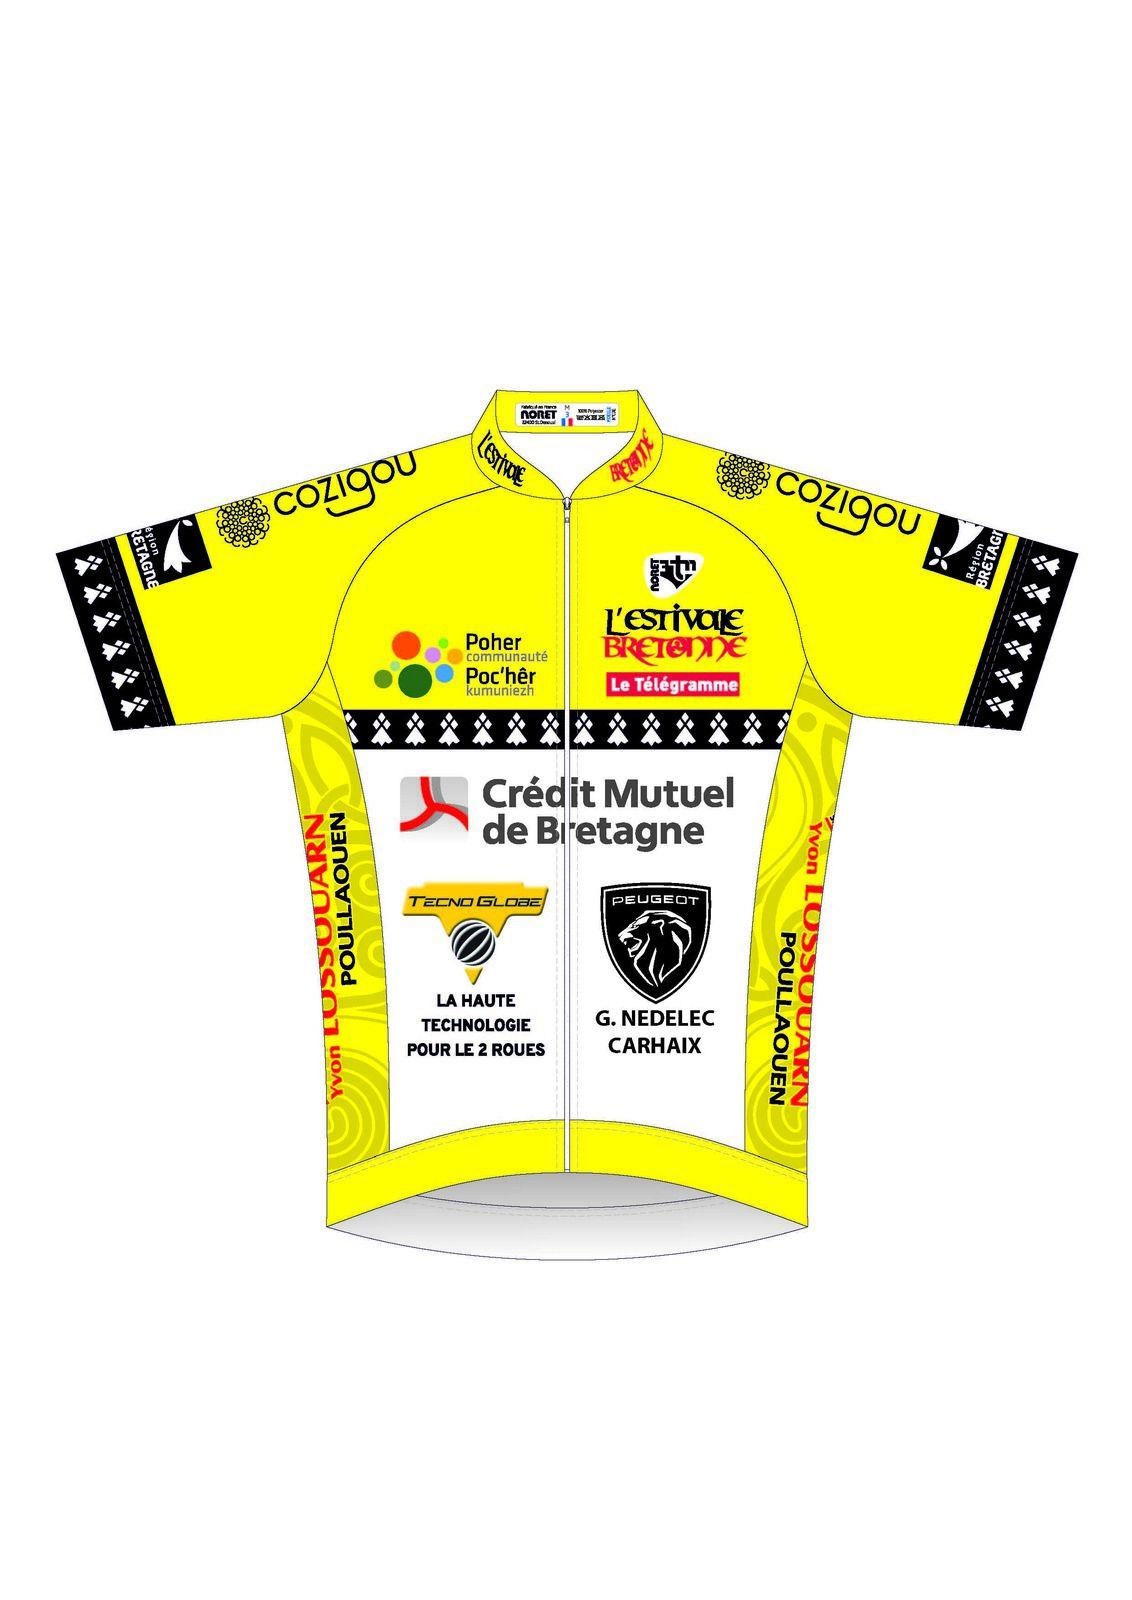 21 équipes de N1 à l'Estivale Bretonne du 6 au 9 août - L'Estivale Bretonne, course cycliste nationale Élite, n'avait pas été organisée l'an passé. La 5e édition est reportée aux 6,7, 8 et 9 août prochains.